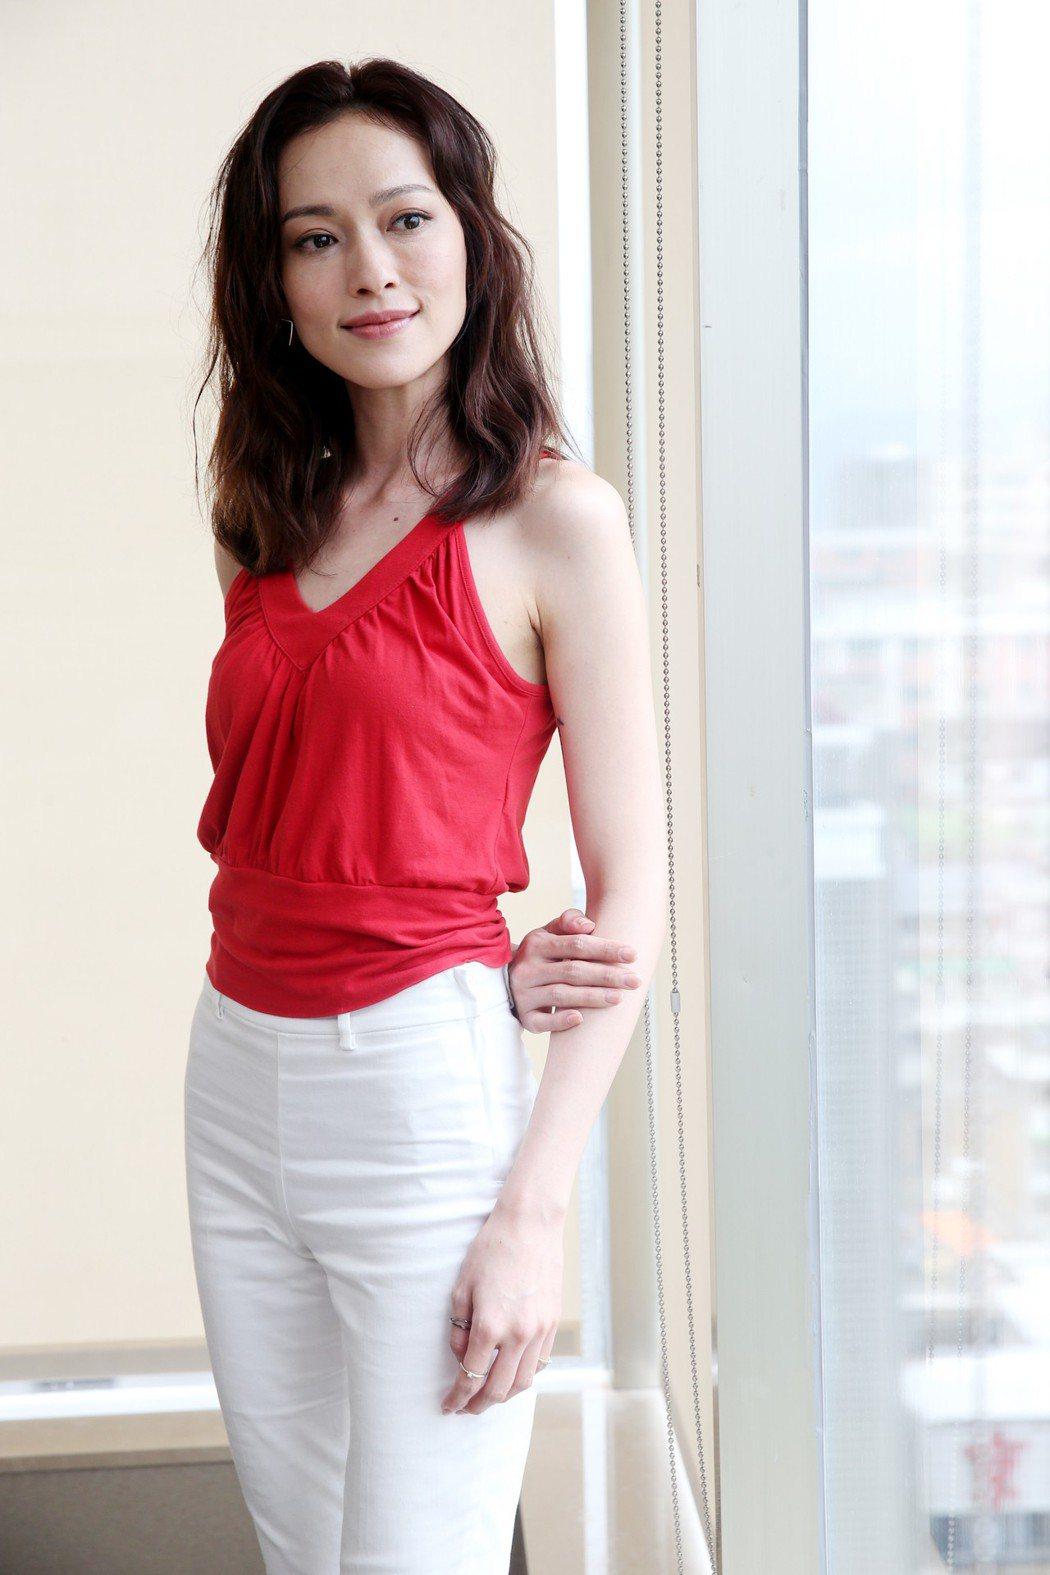 姚以緹在「浮士德遊戲2」飾演殺手,戲中有大量動作戲。記者邱德祥/攝影